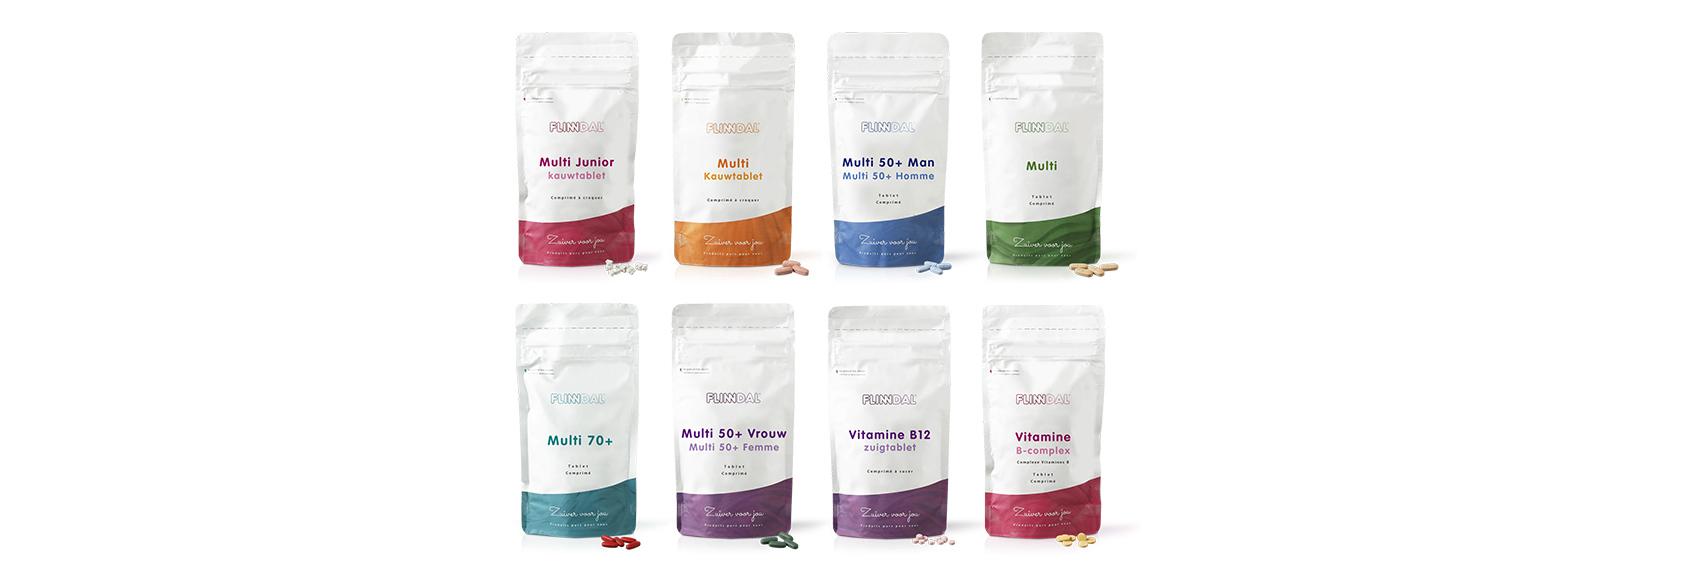 vitamine b12 supplementen